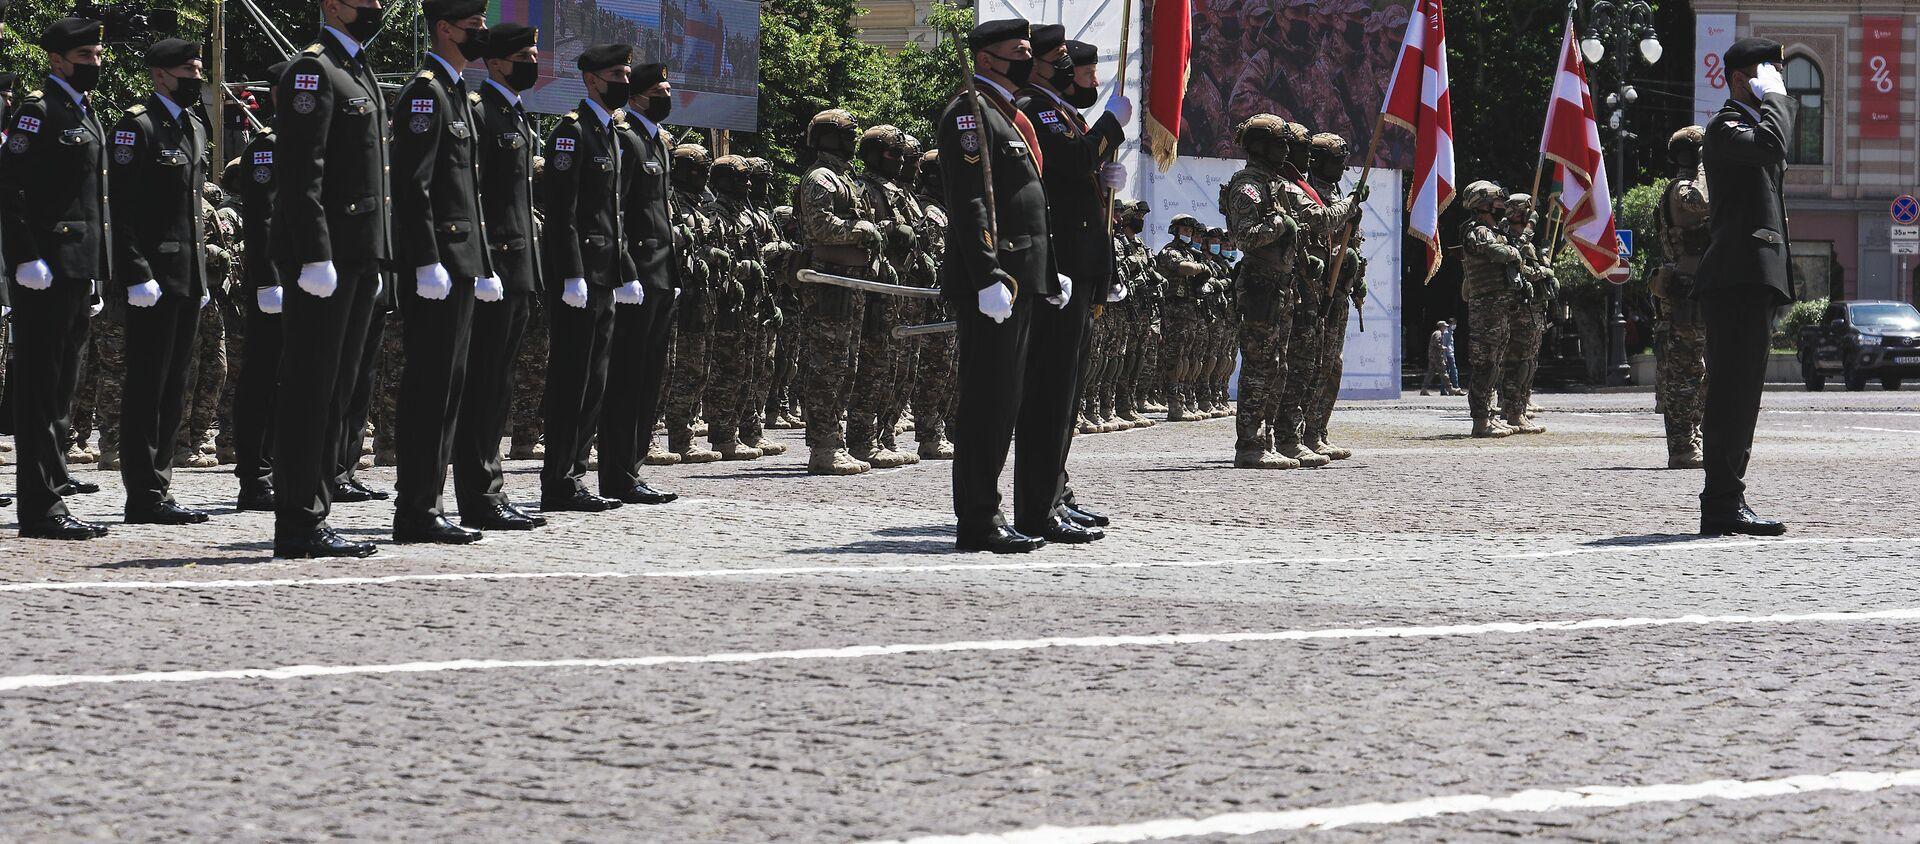 Военный парад и церемония принесения присяги. Празднование Дня Независимости Грузии 26 мая 2021 года - Sputnik Грузия, 1920, 26.05.2021